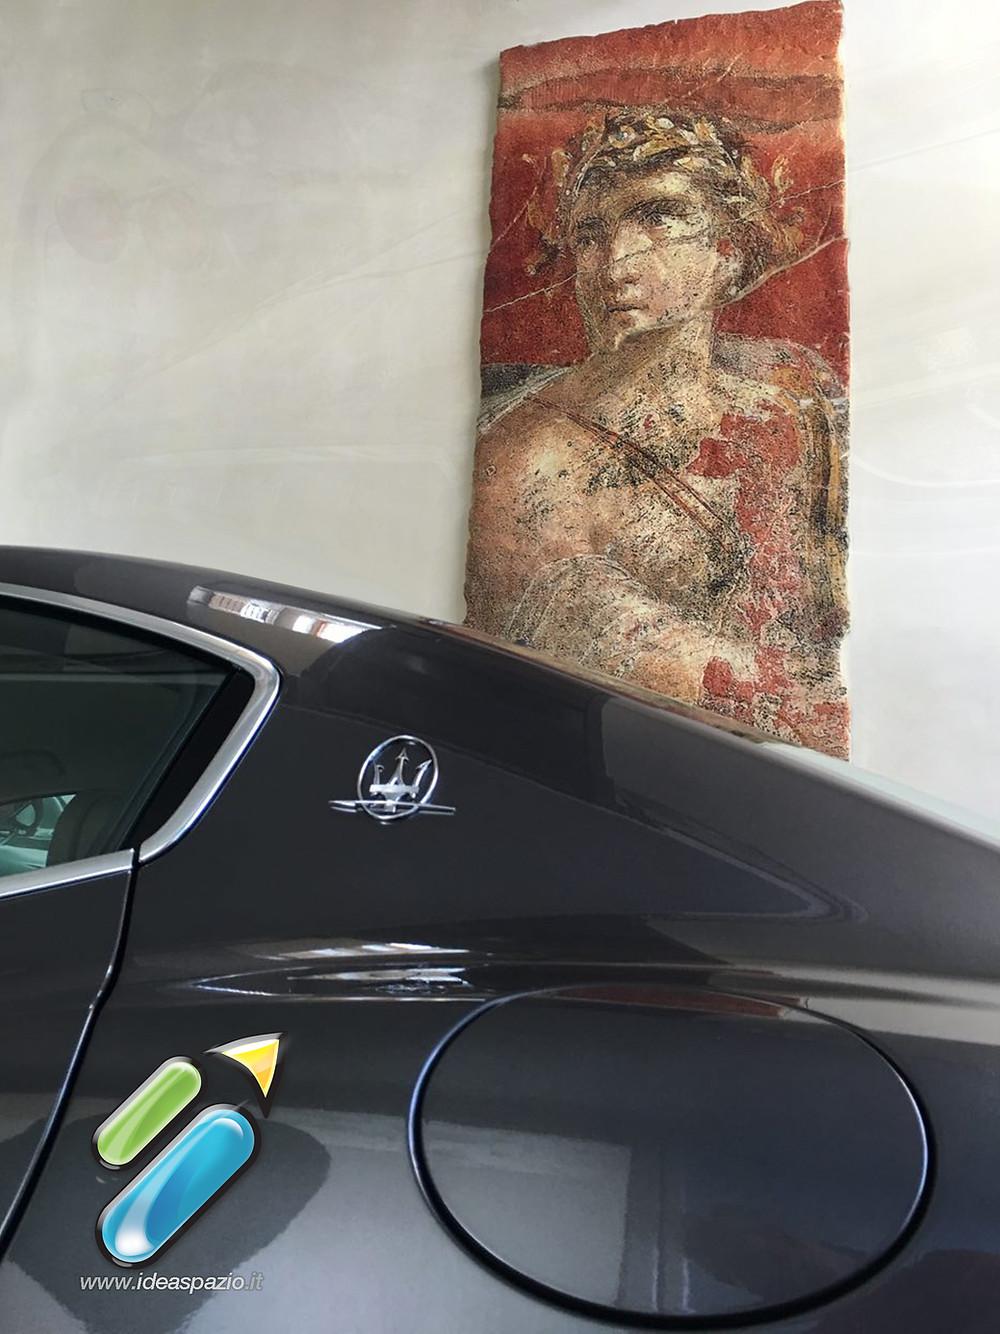 Montaggio pellicole siliconate trasparenti per la protezione della vernice di auto e moto. Protegge la carrozzeria dalle scheggiature causate da pietre, insetti, portiere di veicoli, spazzole autolavaggio Ideali per auto sportive, uso in circuiti e fuoristrada